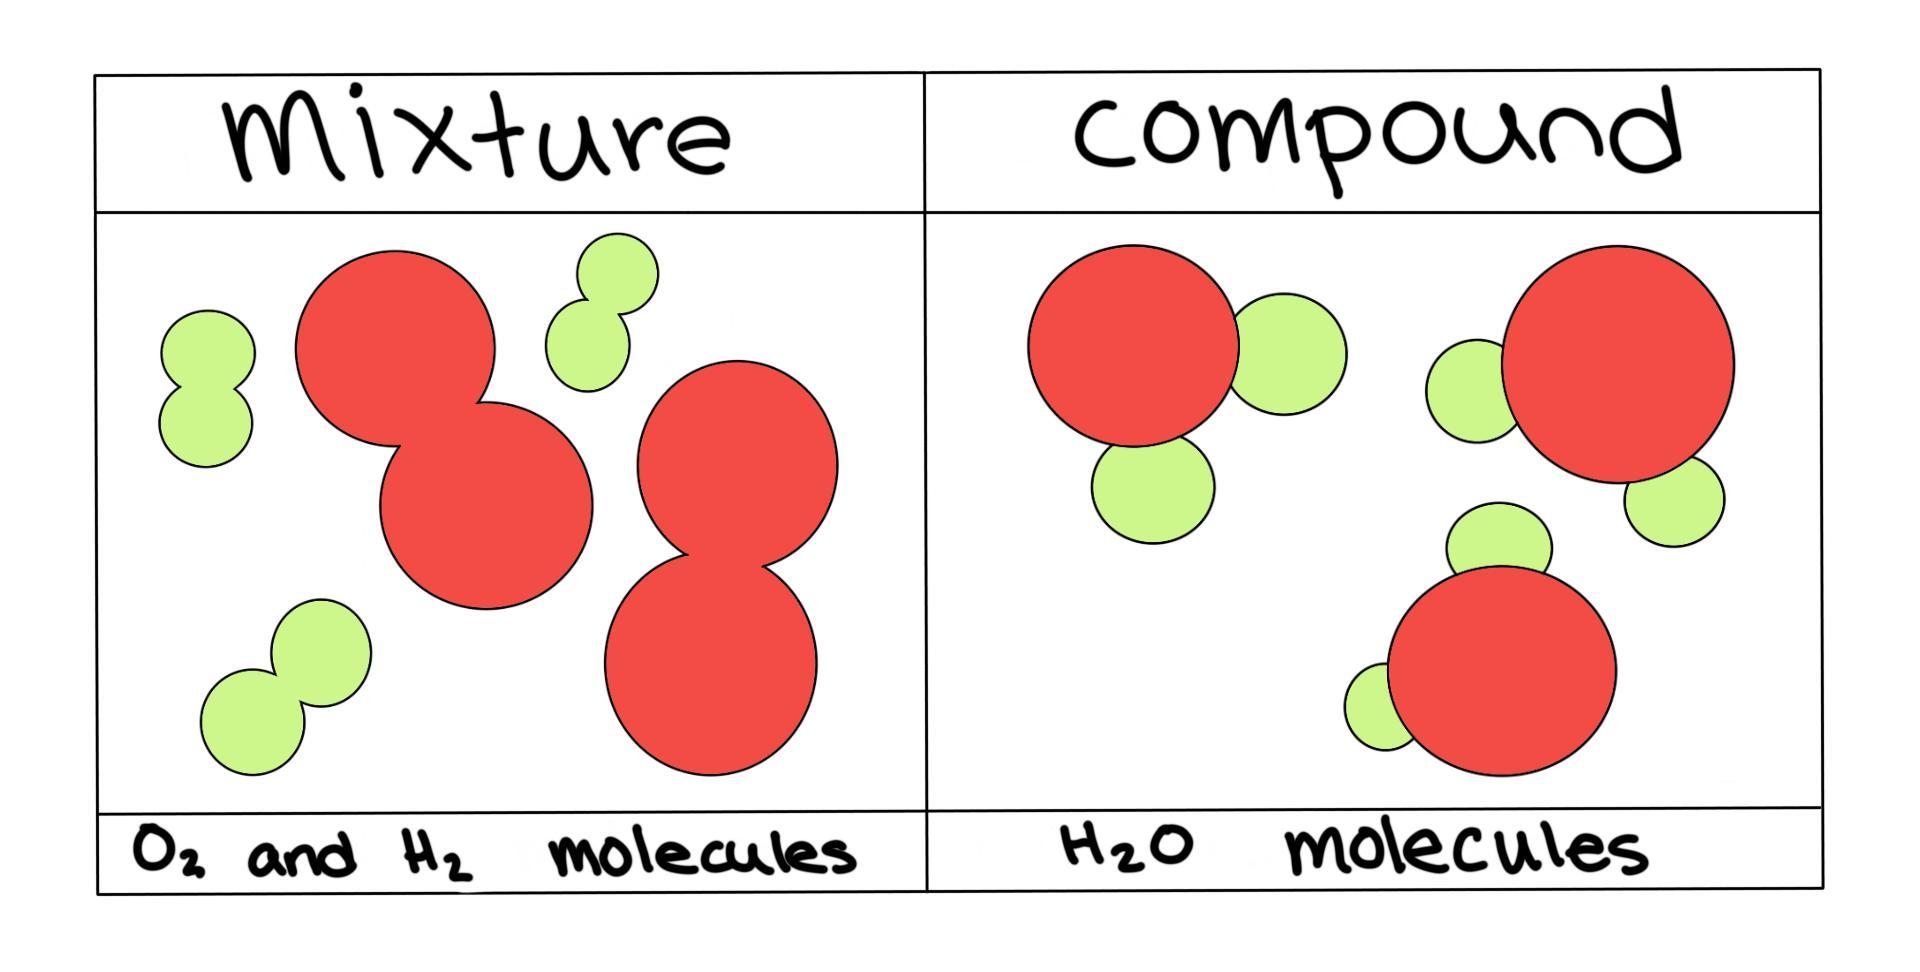 Homogeneous Vs Heterogeneous Mixtures A Comparison